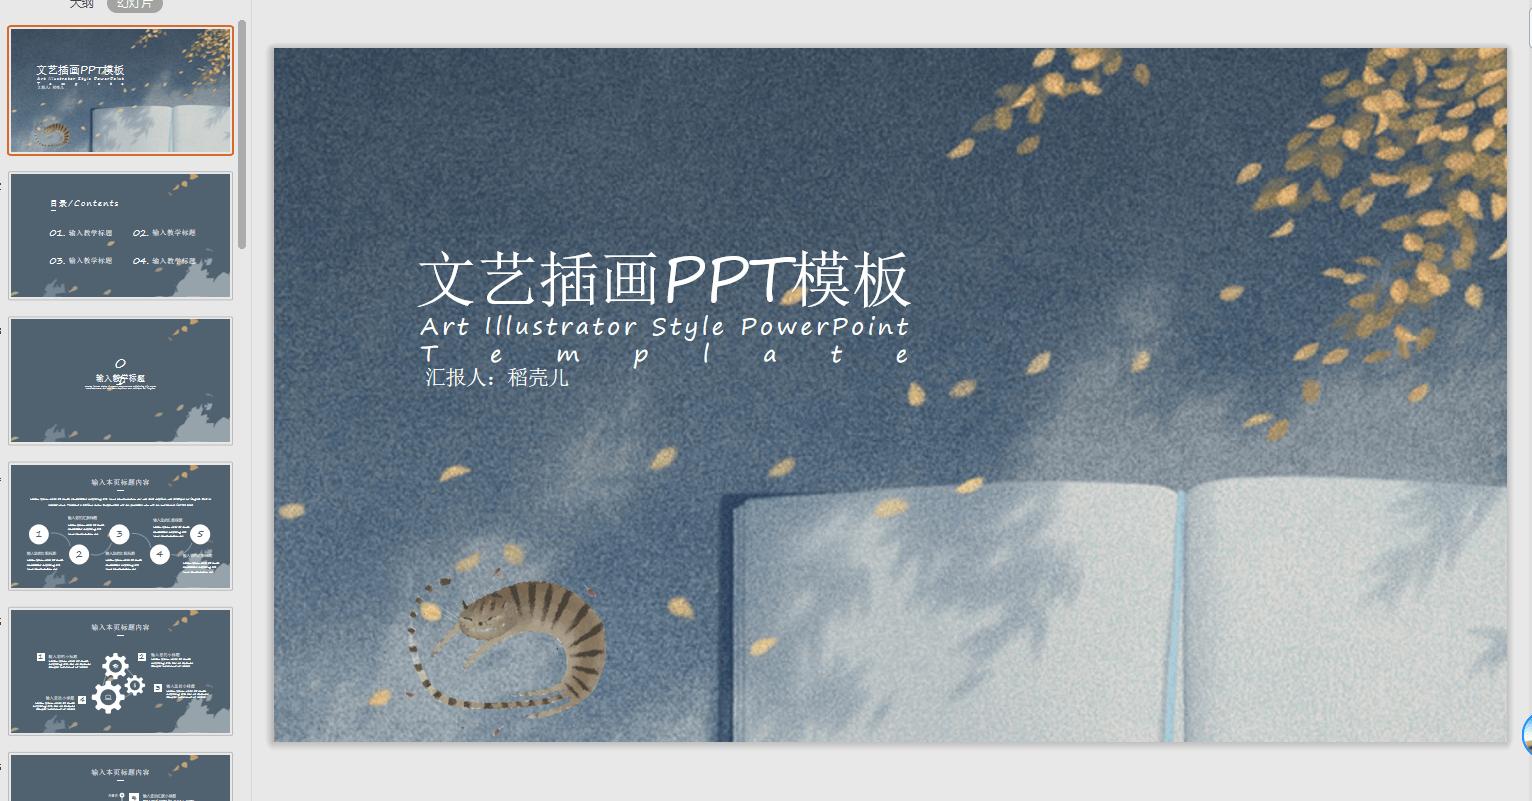 文艺插画ppt4171752-狗破解-Go破解 GoPoJie.COM